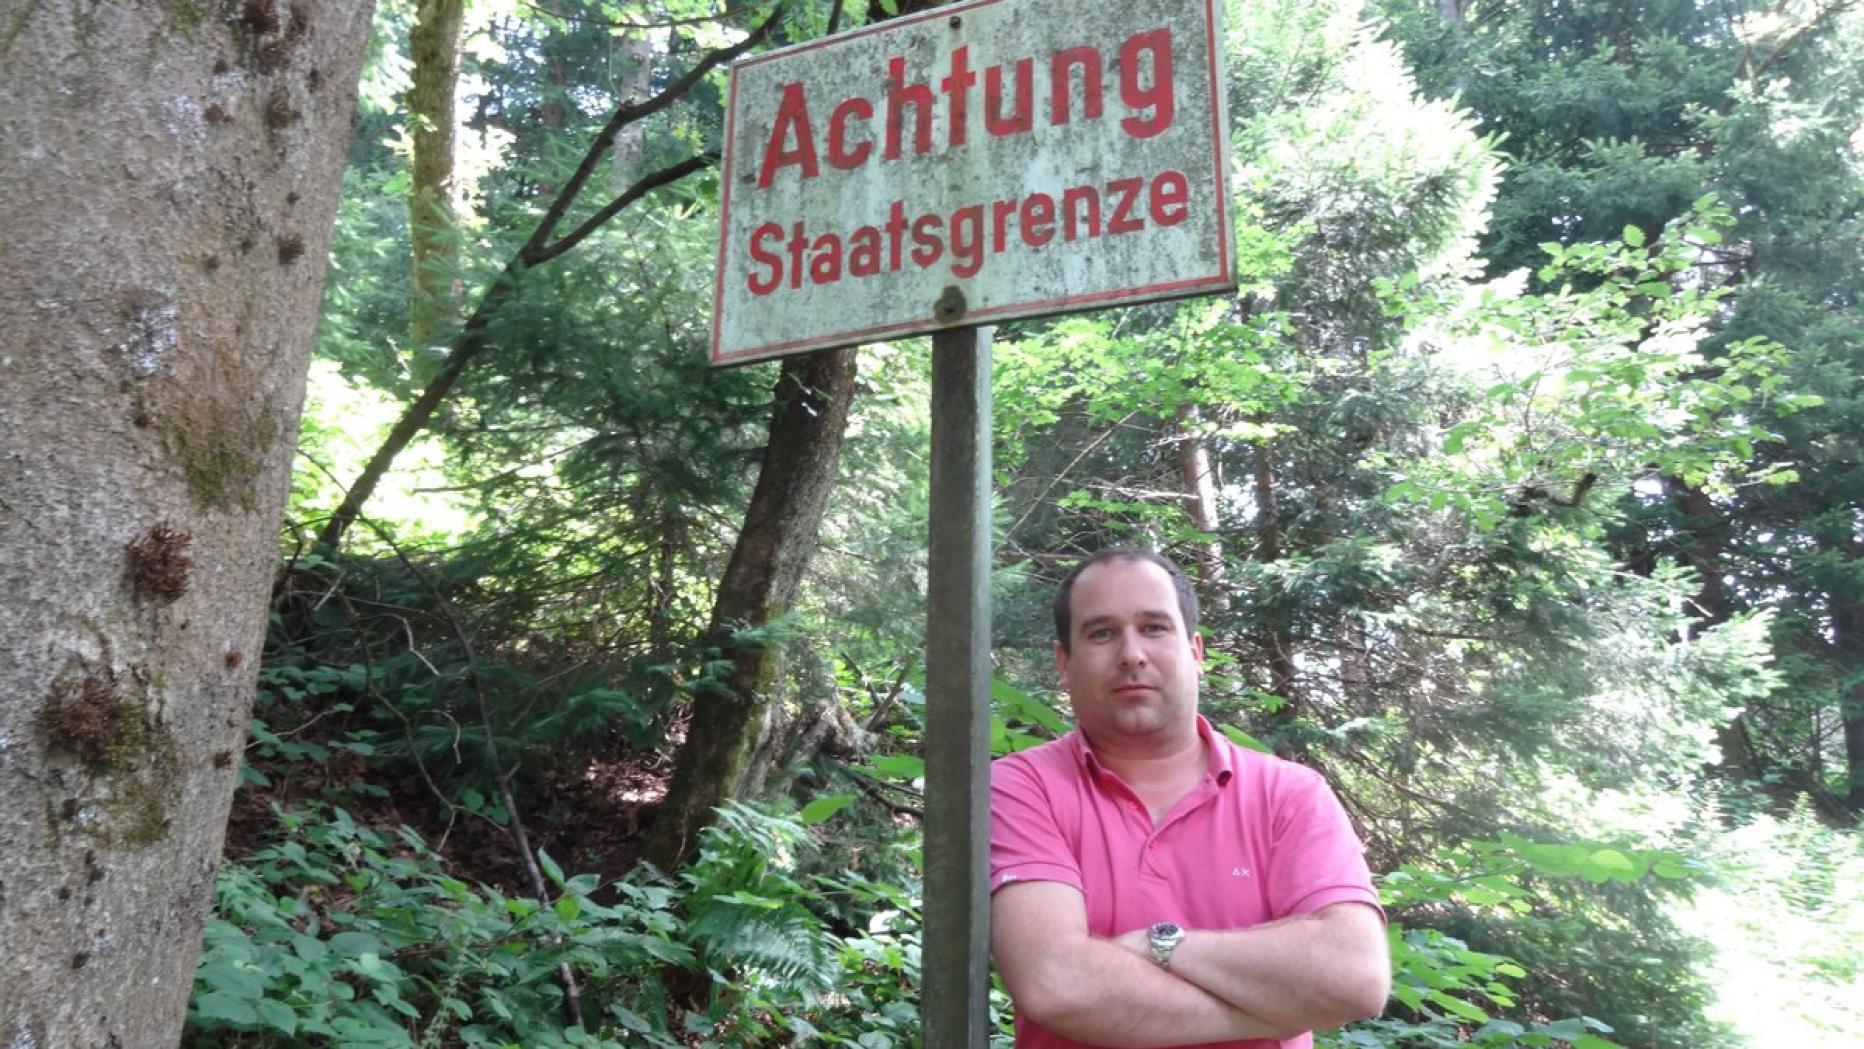 Bleiburg-Treffen: Faschistenparty oder Gedenkfeier? | zarell.com